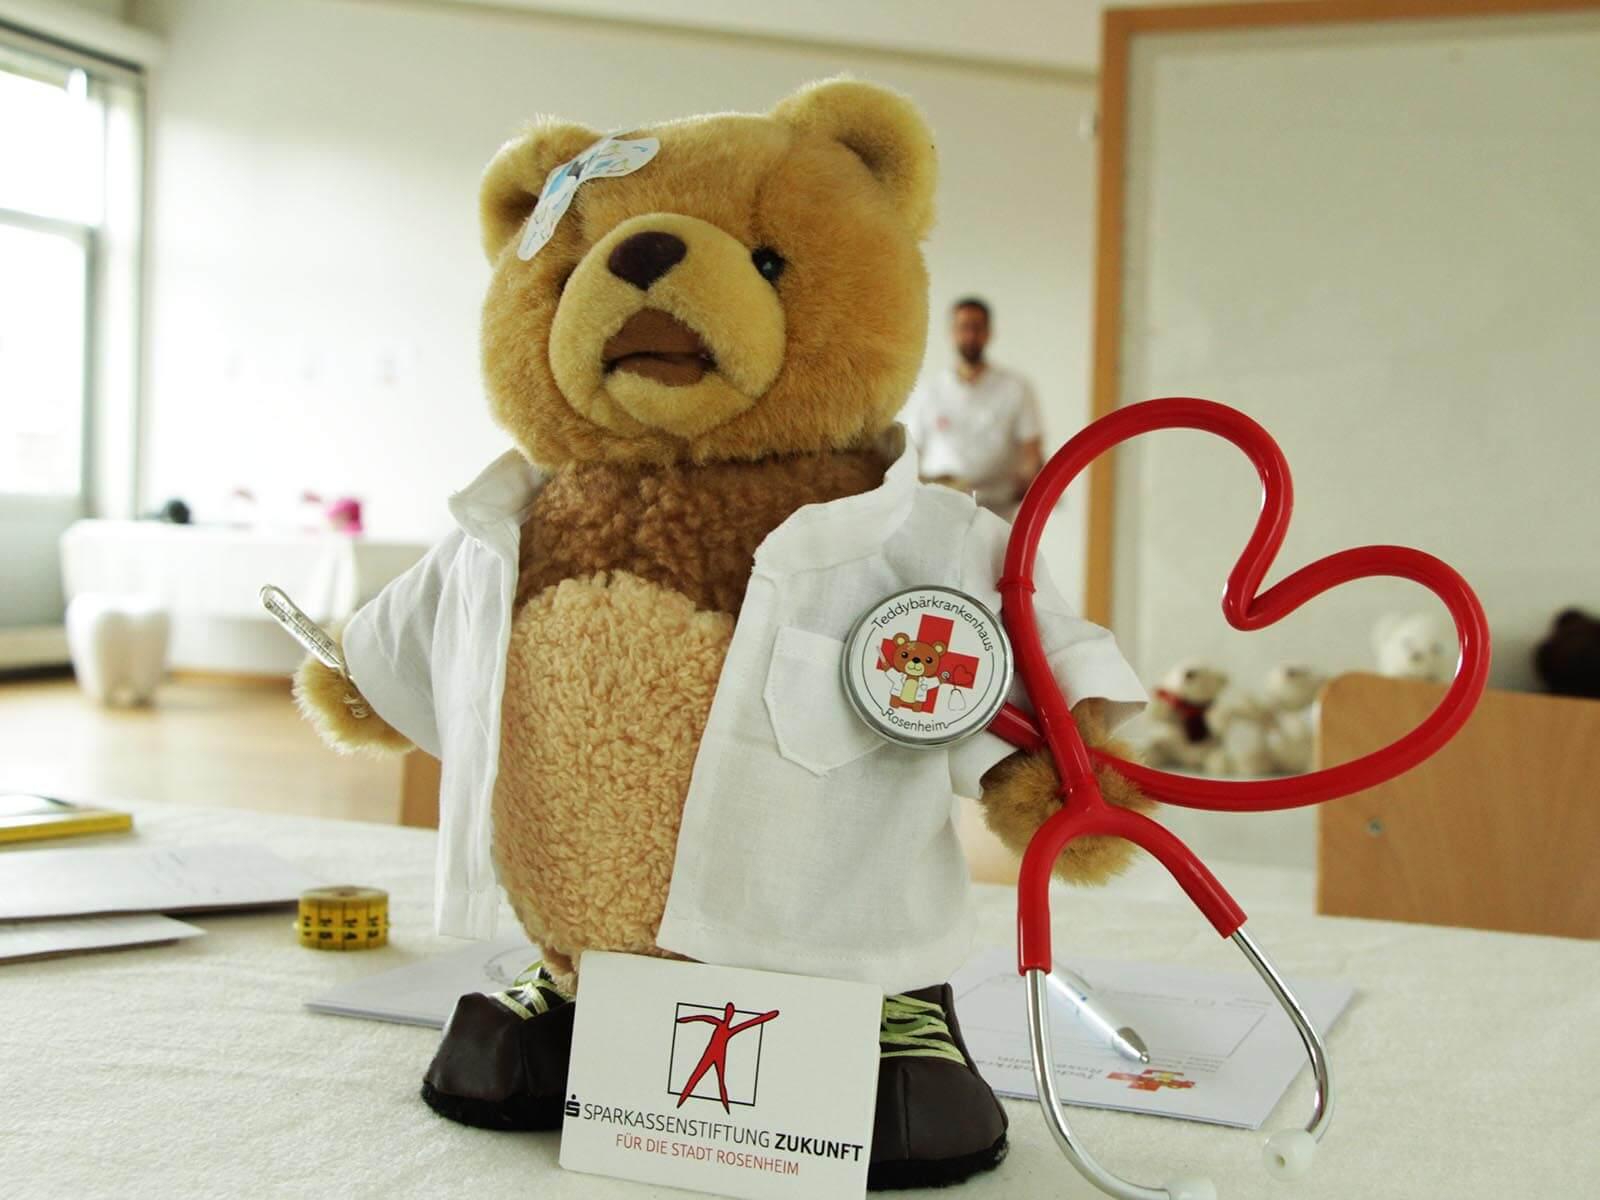 Die Sparkassenstiftung Zukunft für die Stadt Rosenheim fördert das Teddybär-Krankenhaus als eigenständige Projekt bereits zum vierten Mal.